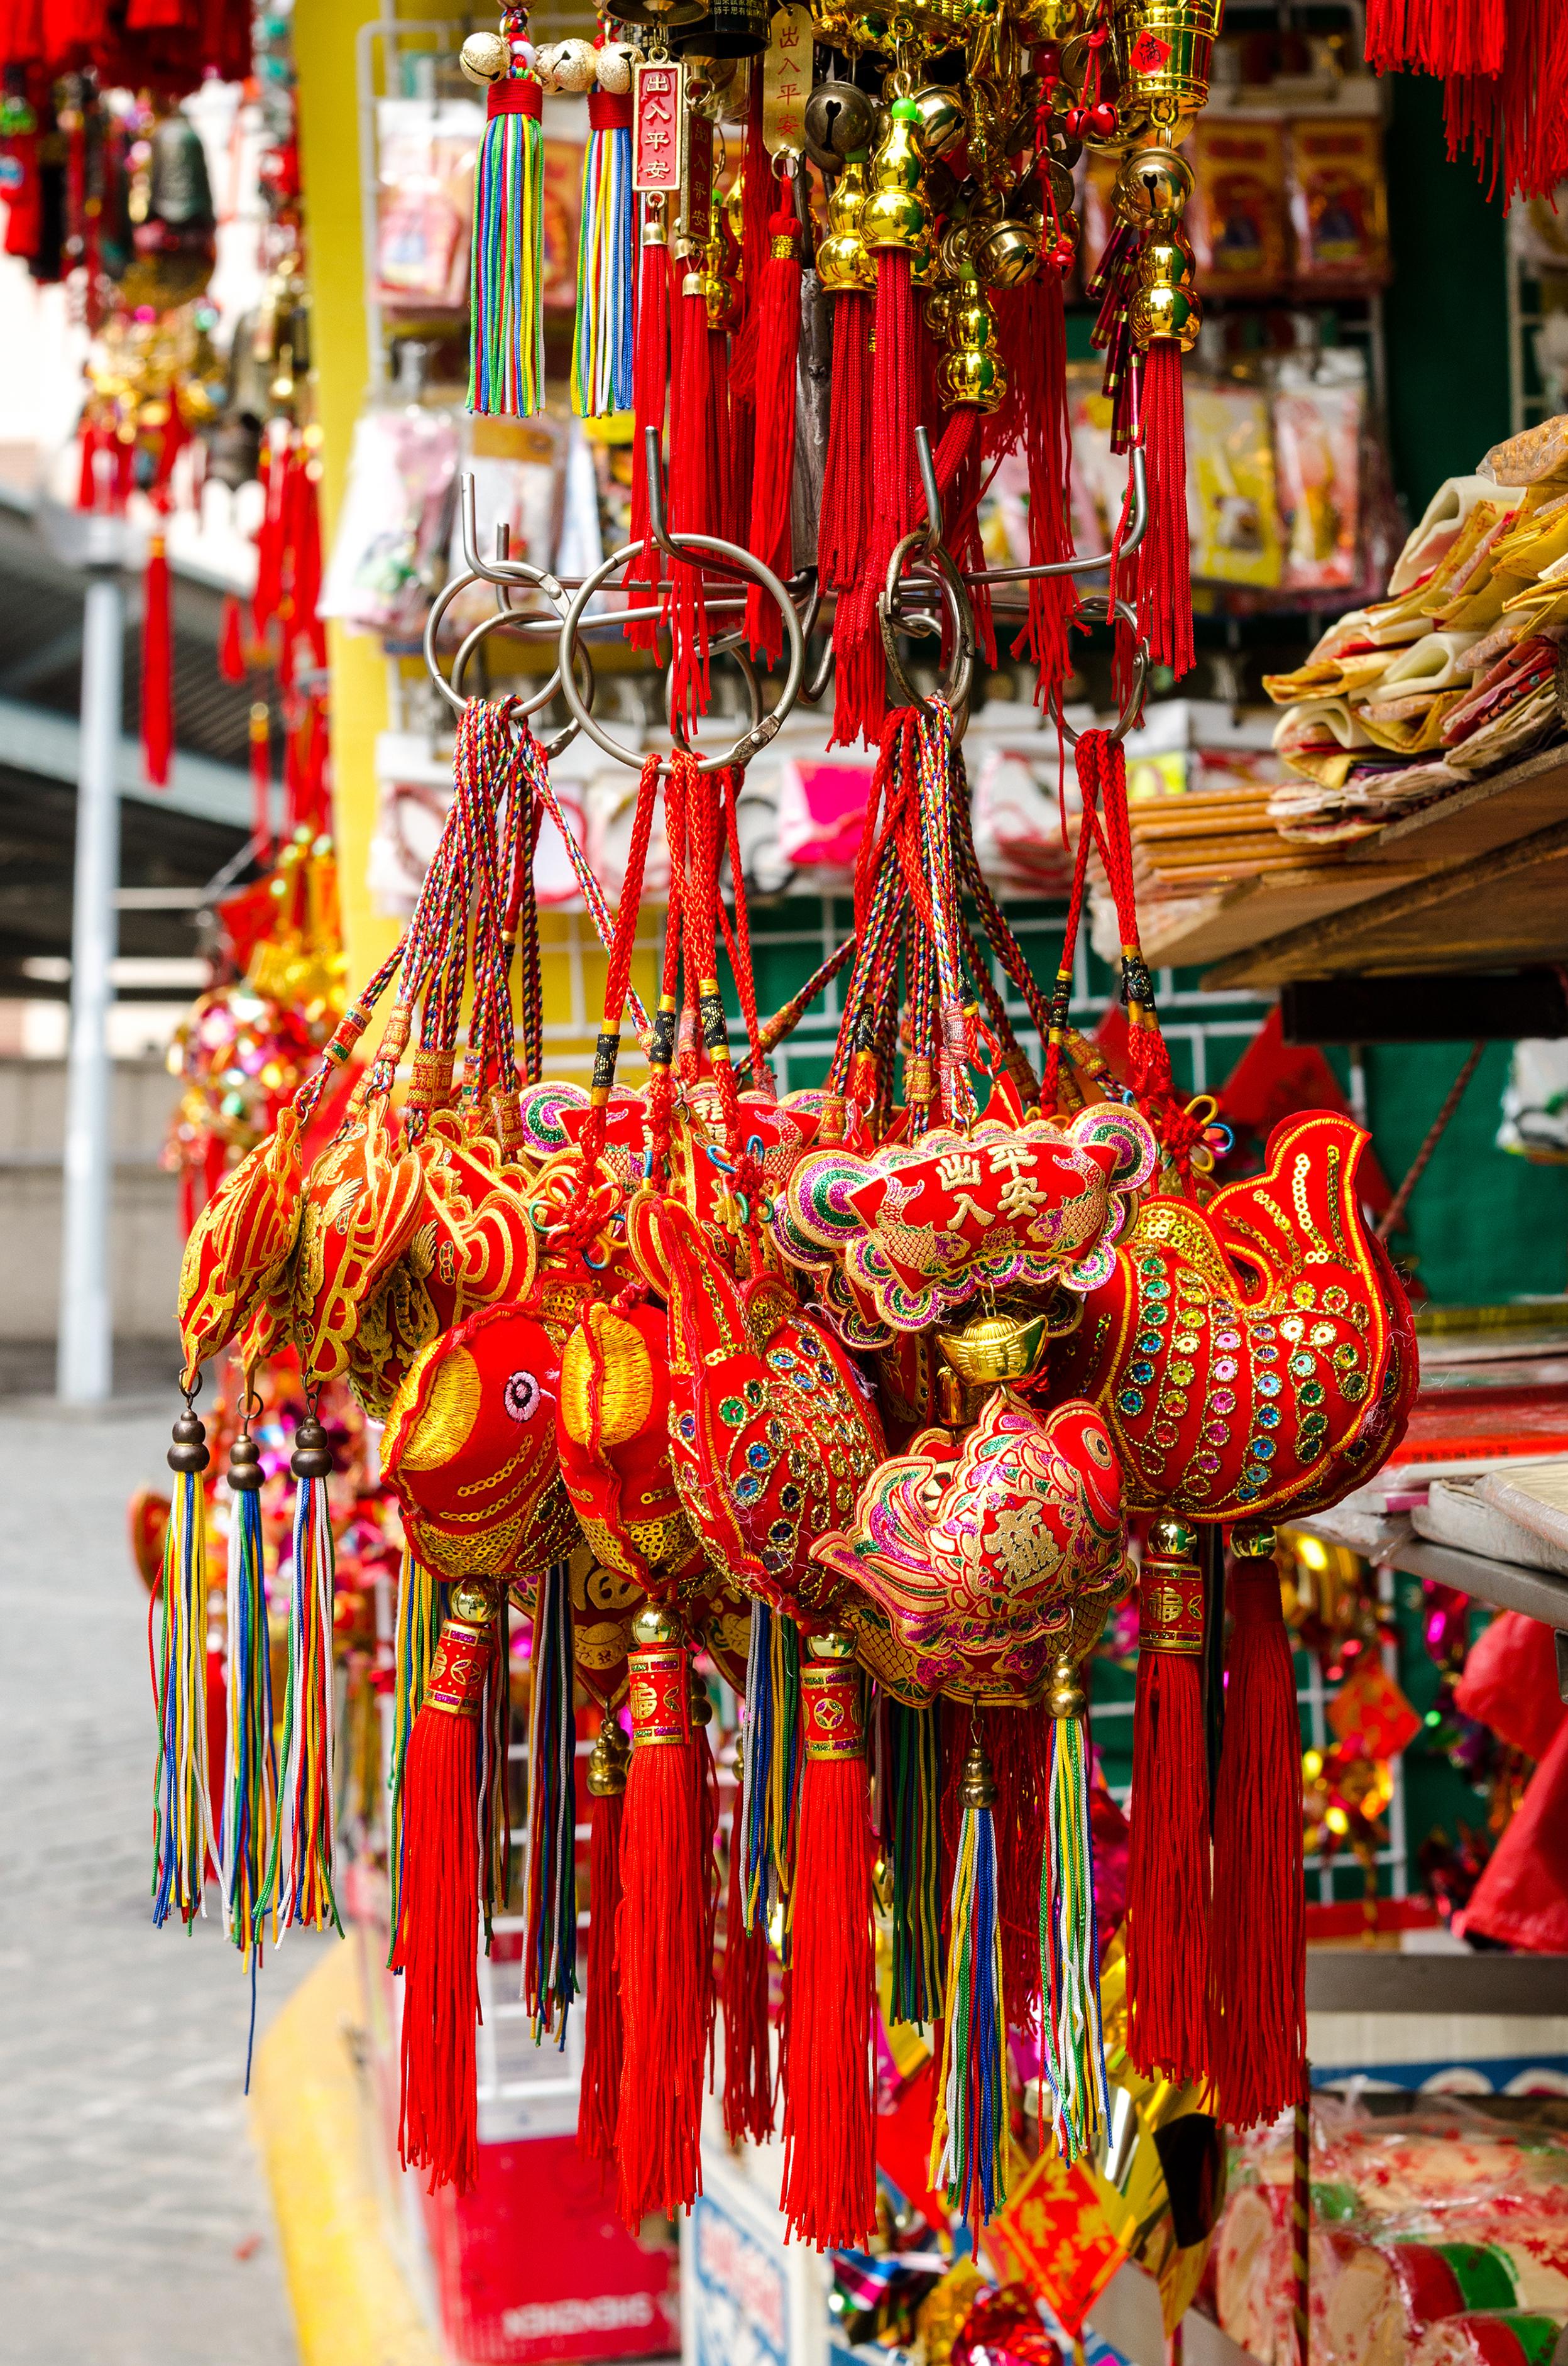 Souvenirs, Hong Kong, Hong Kong vs Singapore